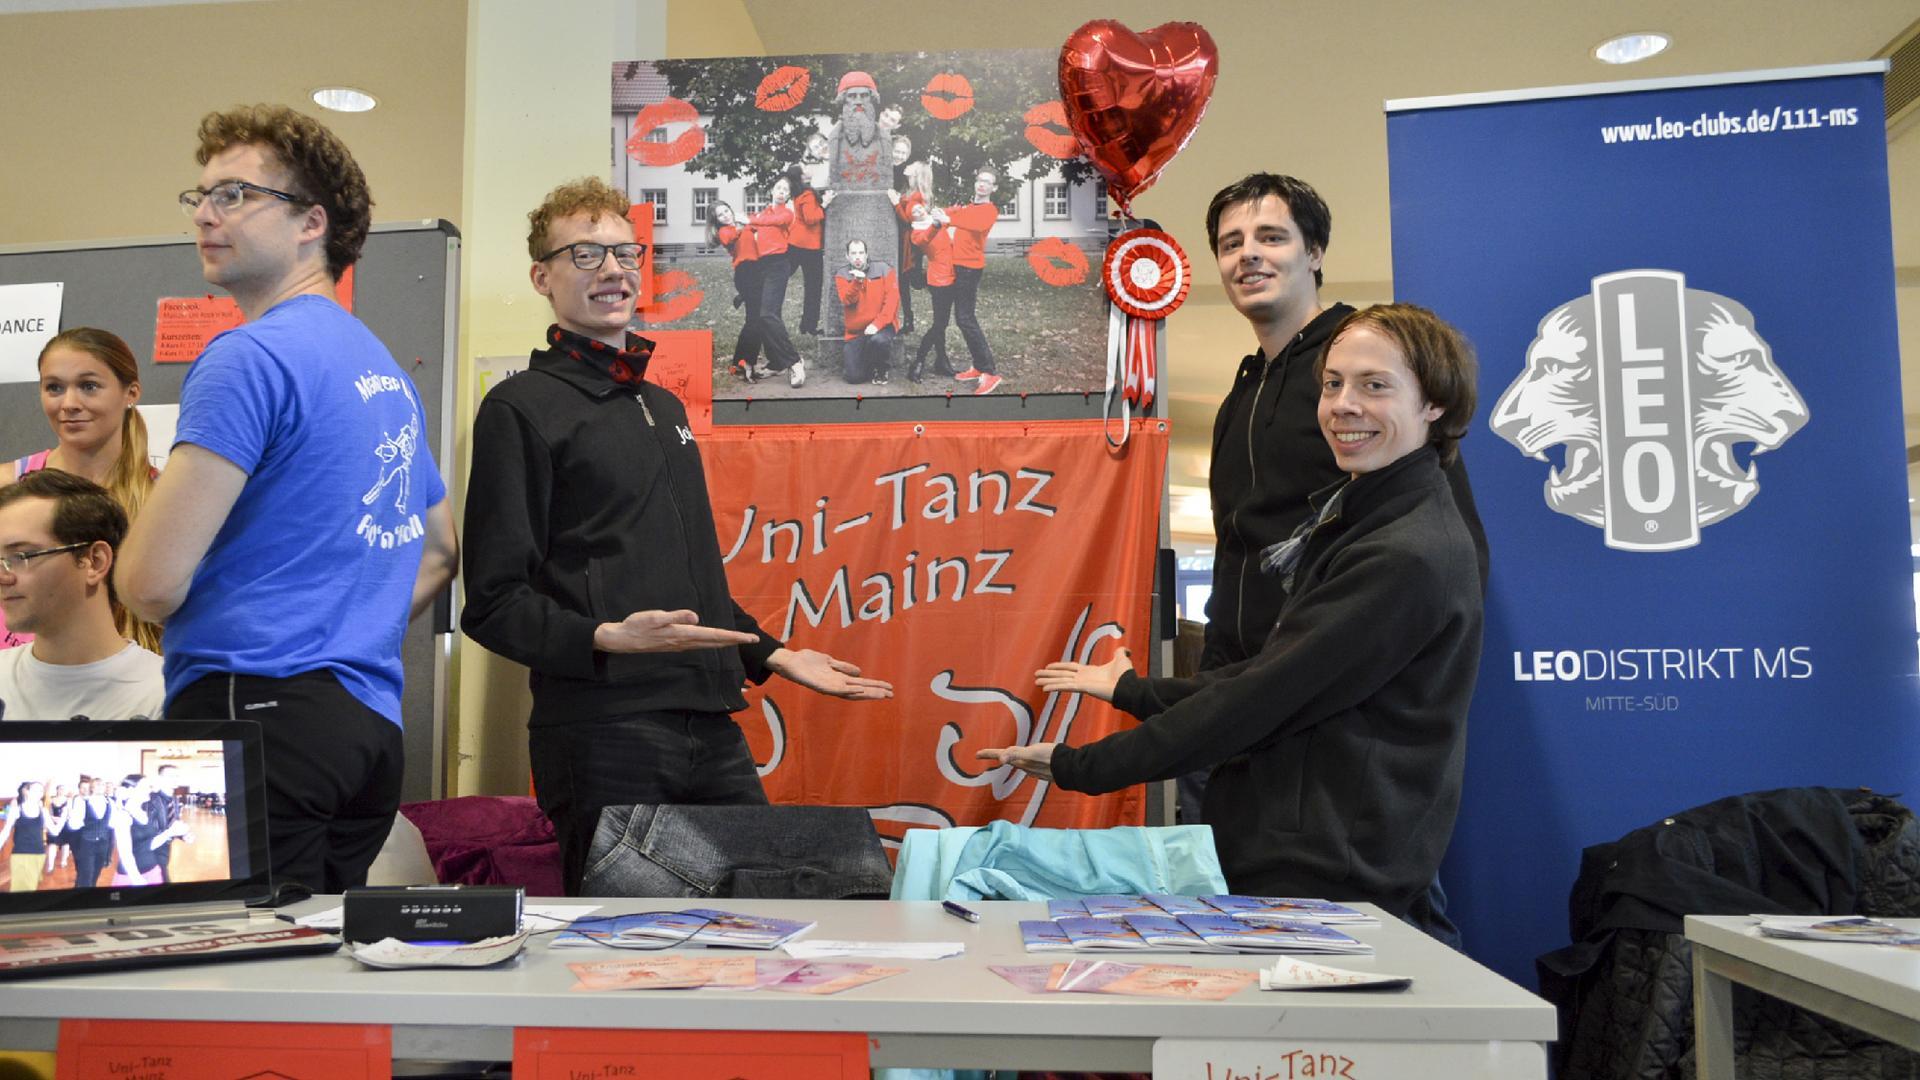 Mitglieder des Uni-Tanz Mainz